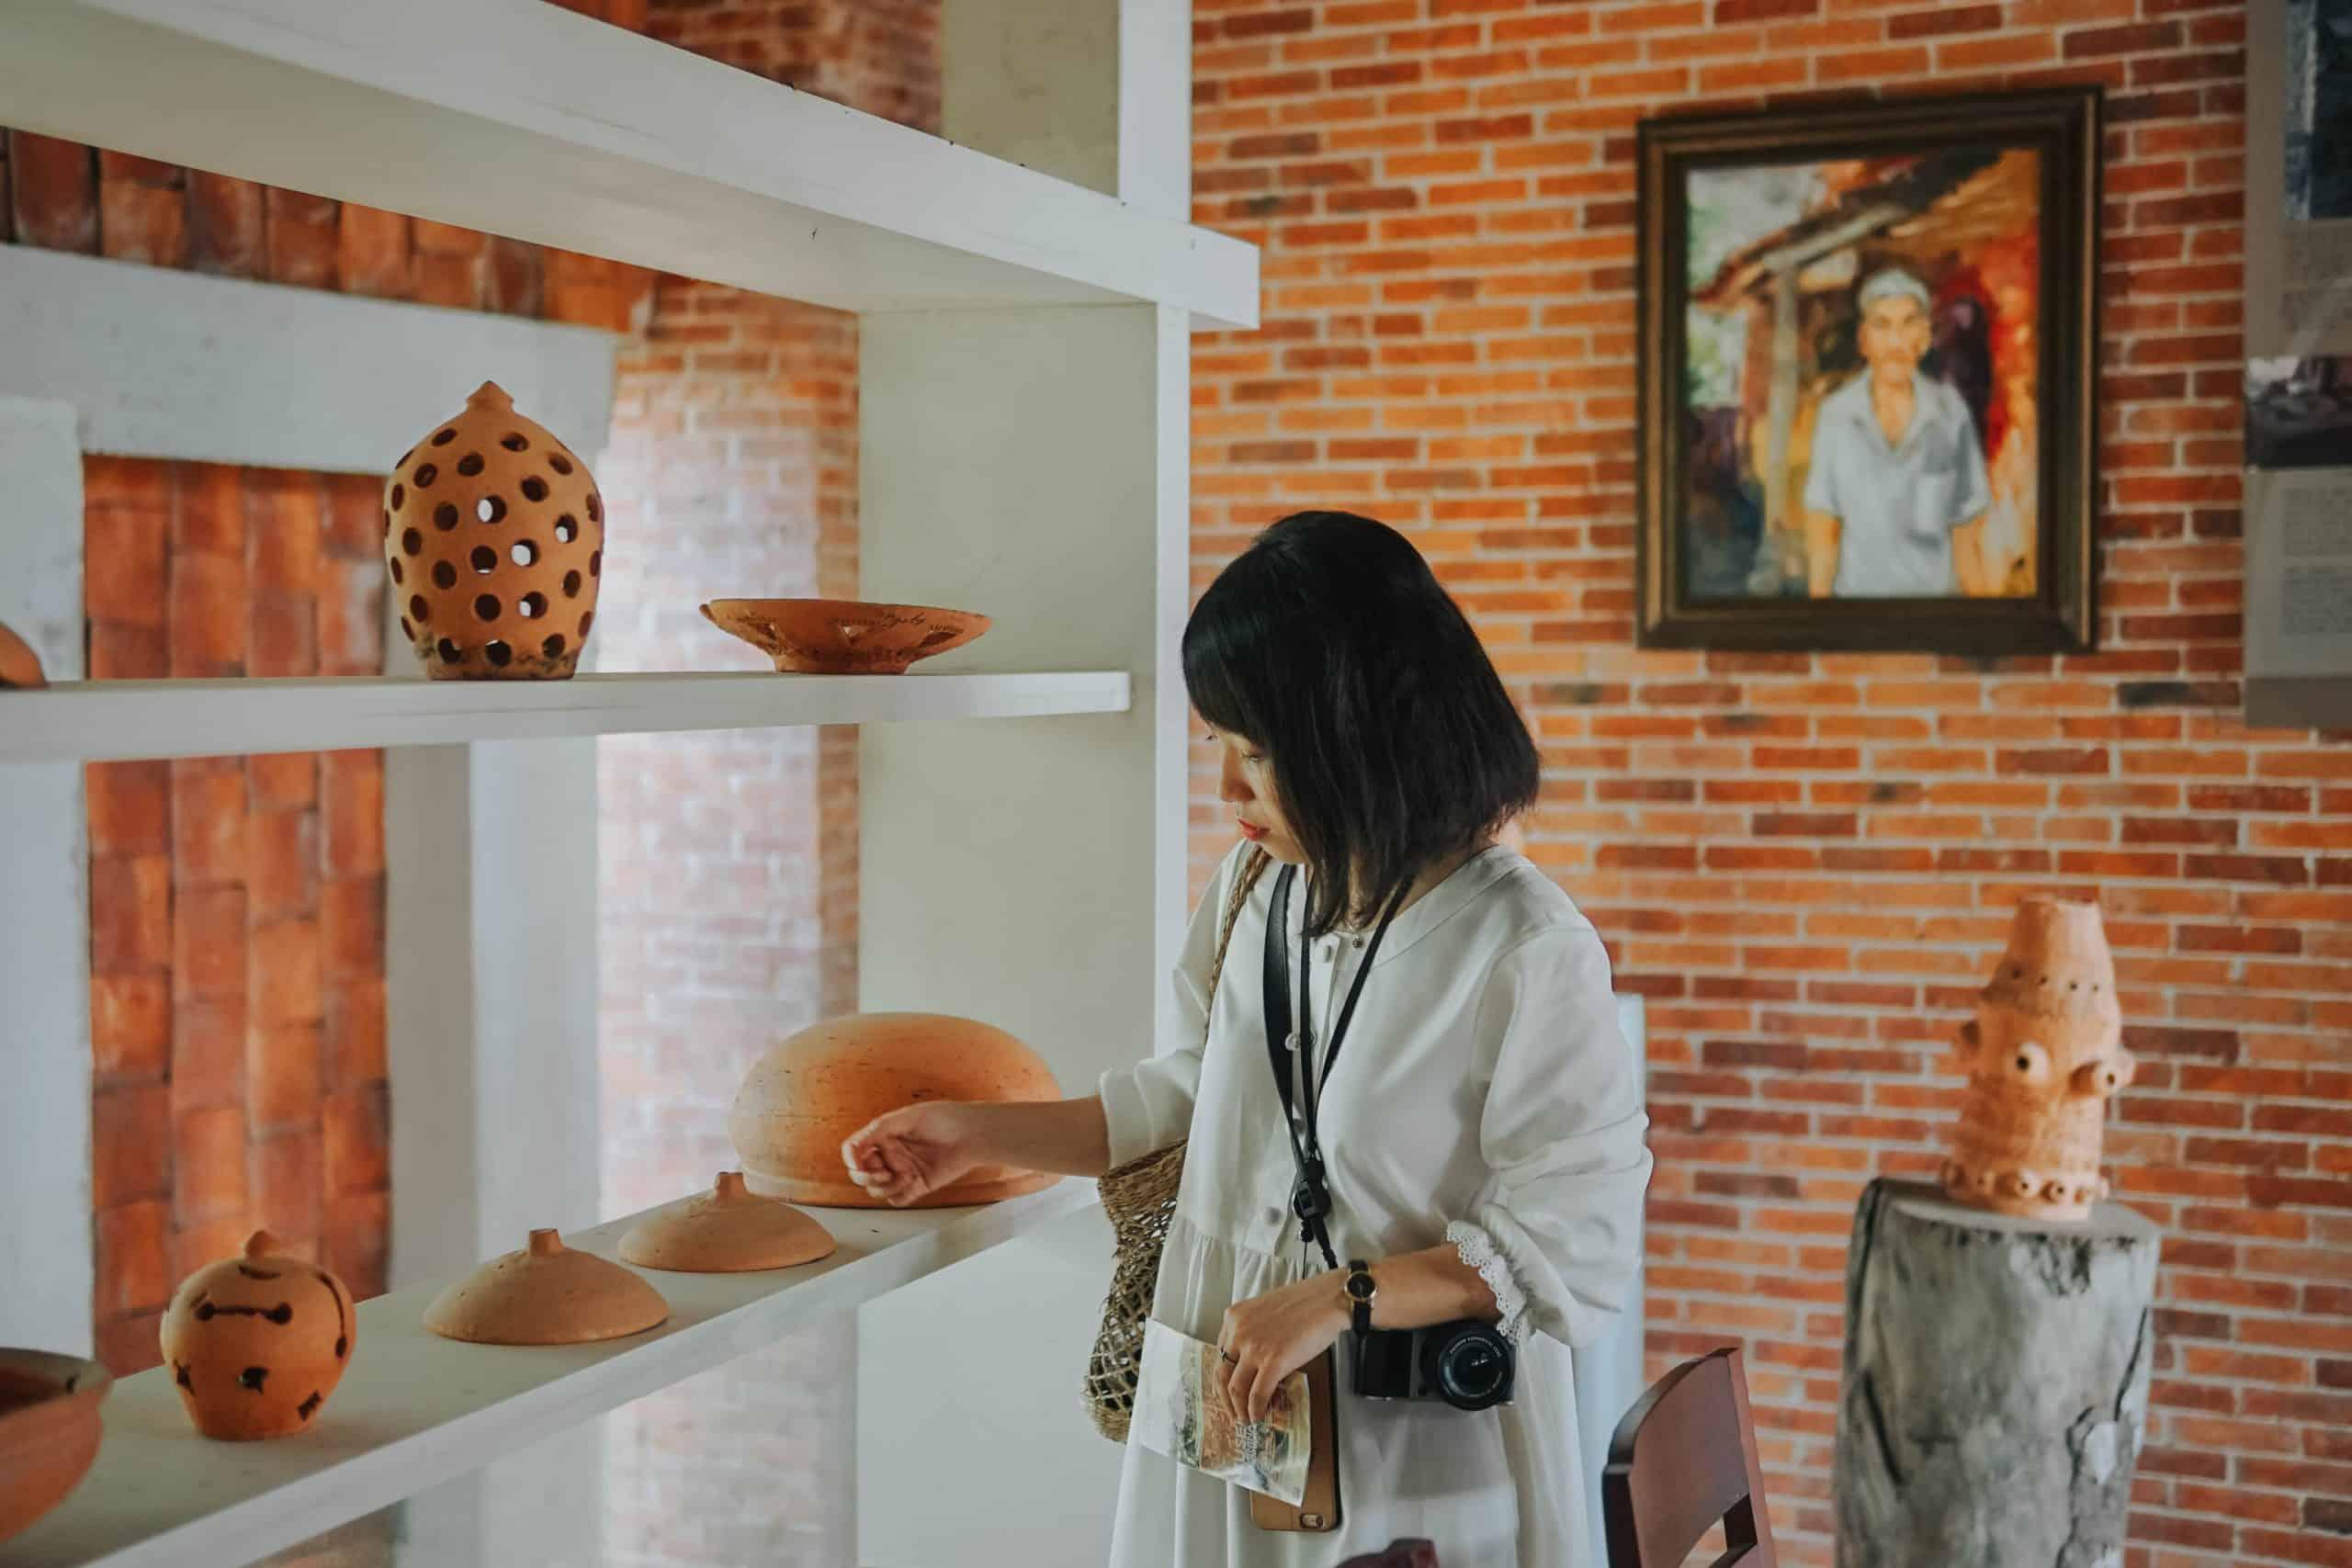 Khu trưng bày các sản phẩm. Hình: Hoàng Linh Hà